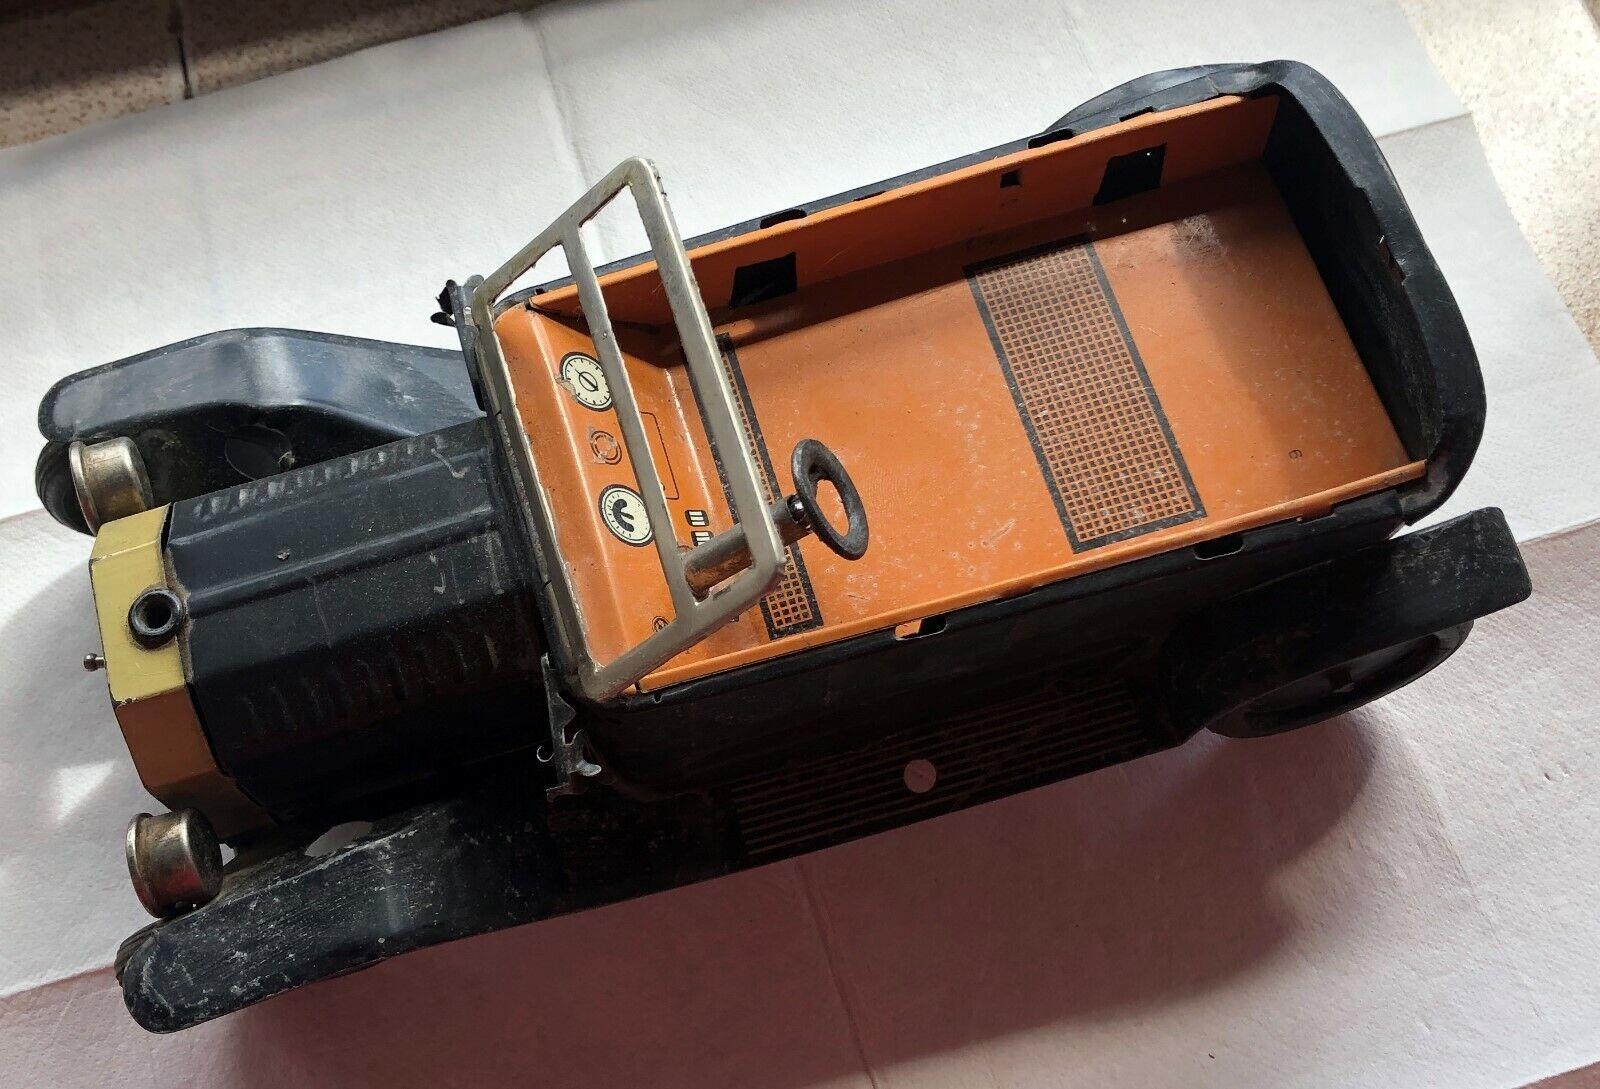 Ford T Vintage Juguete De Hojalata Hecha En Japón 23 Cm. X 11,5 Cm. a un lado